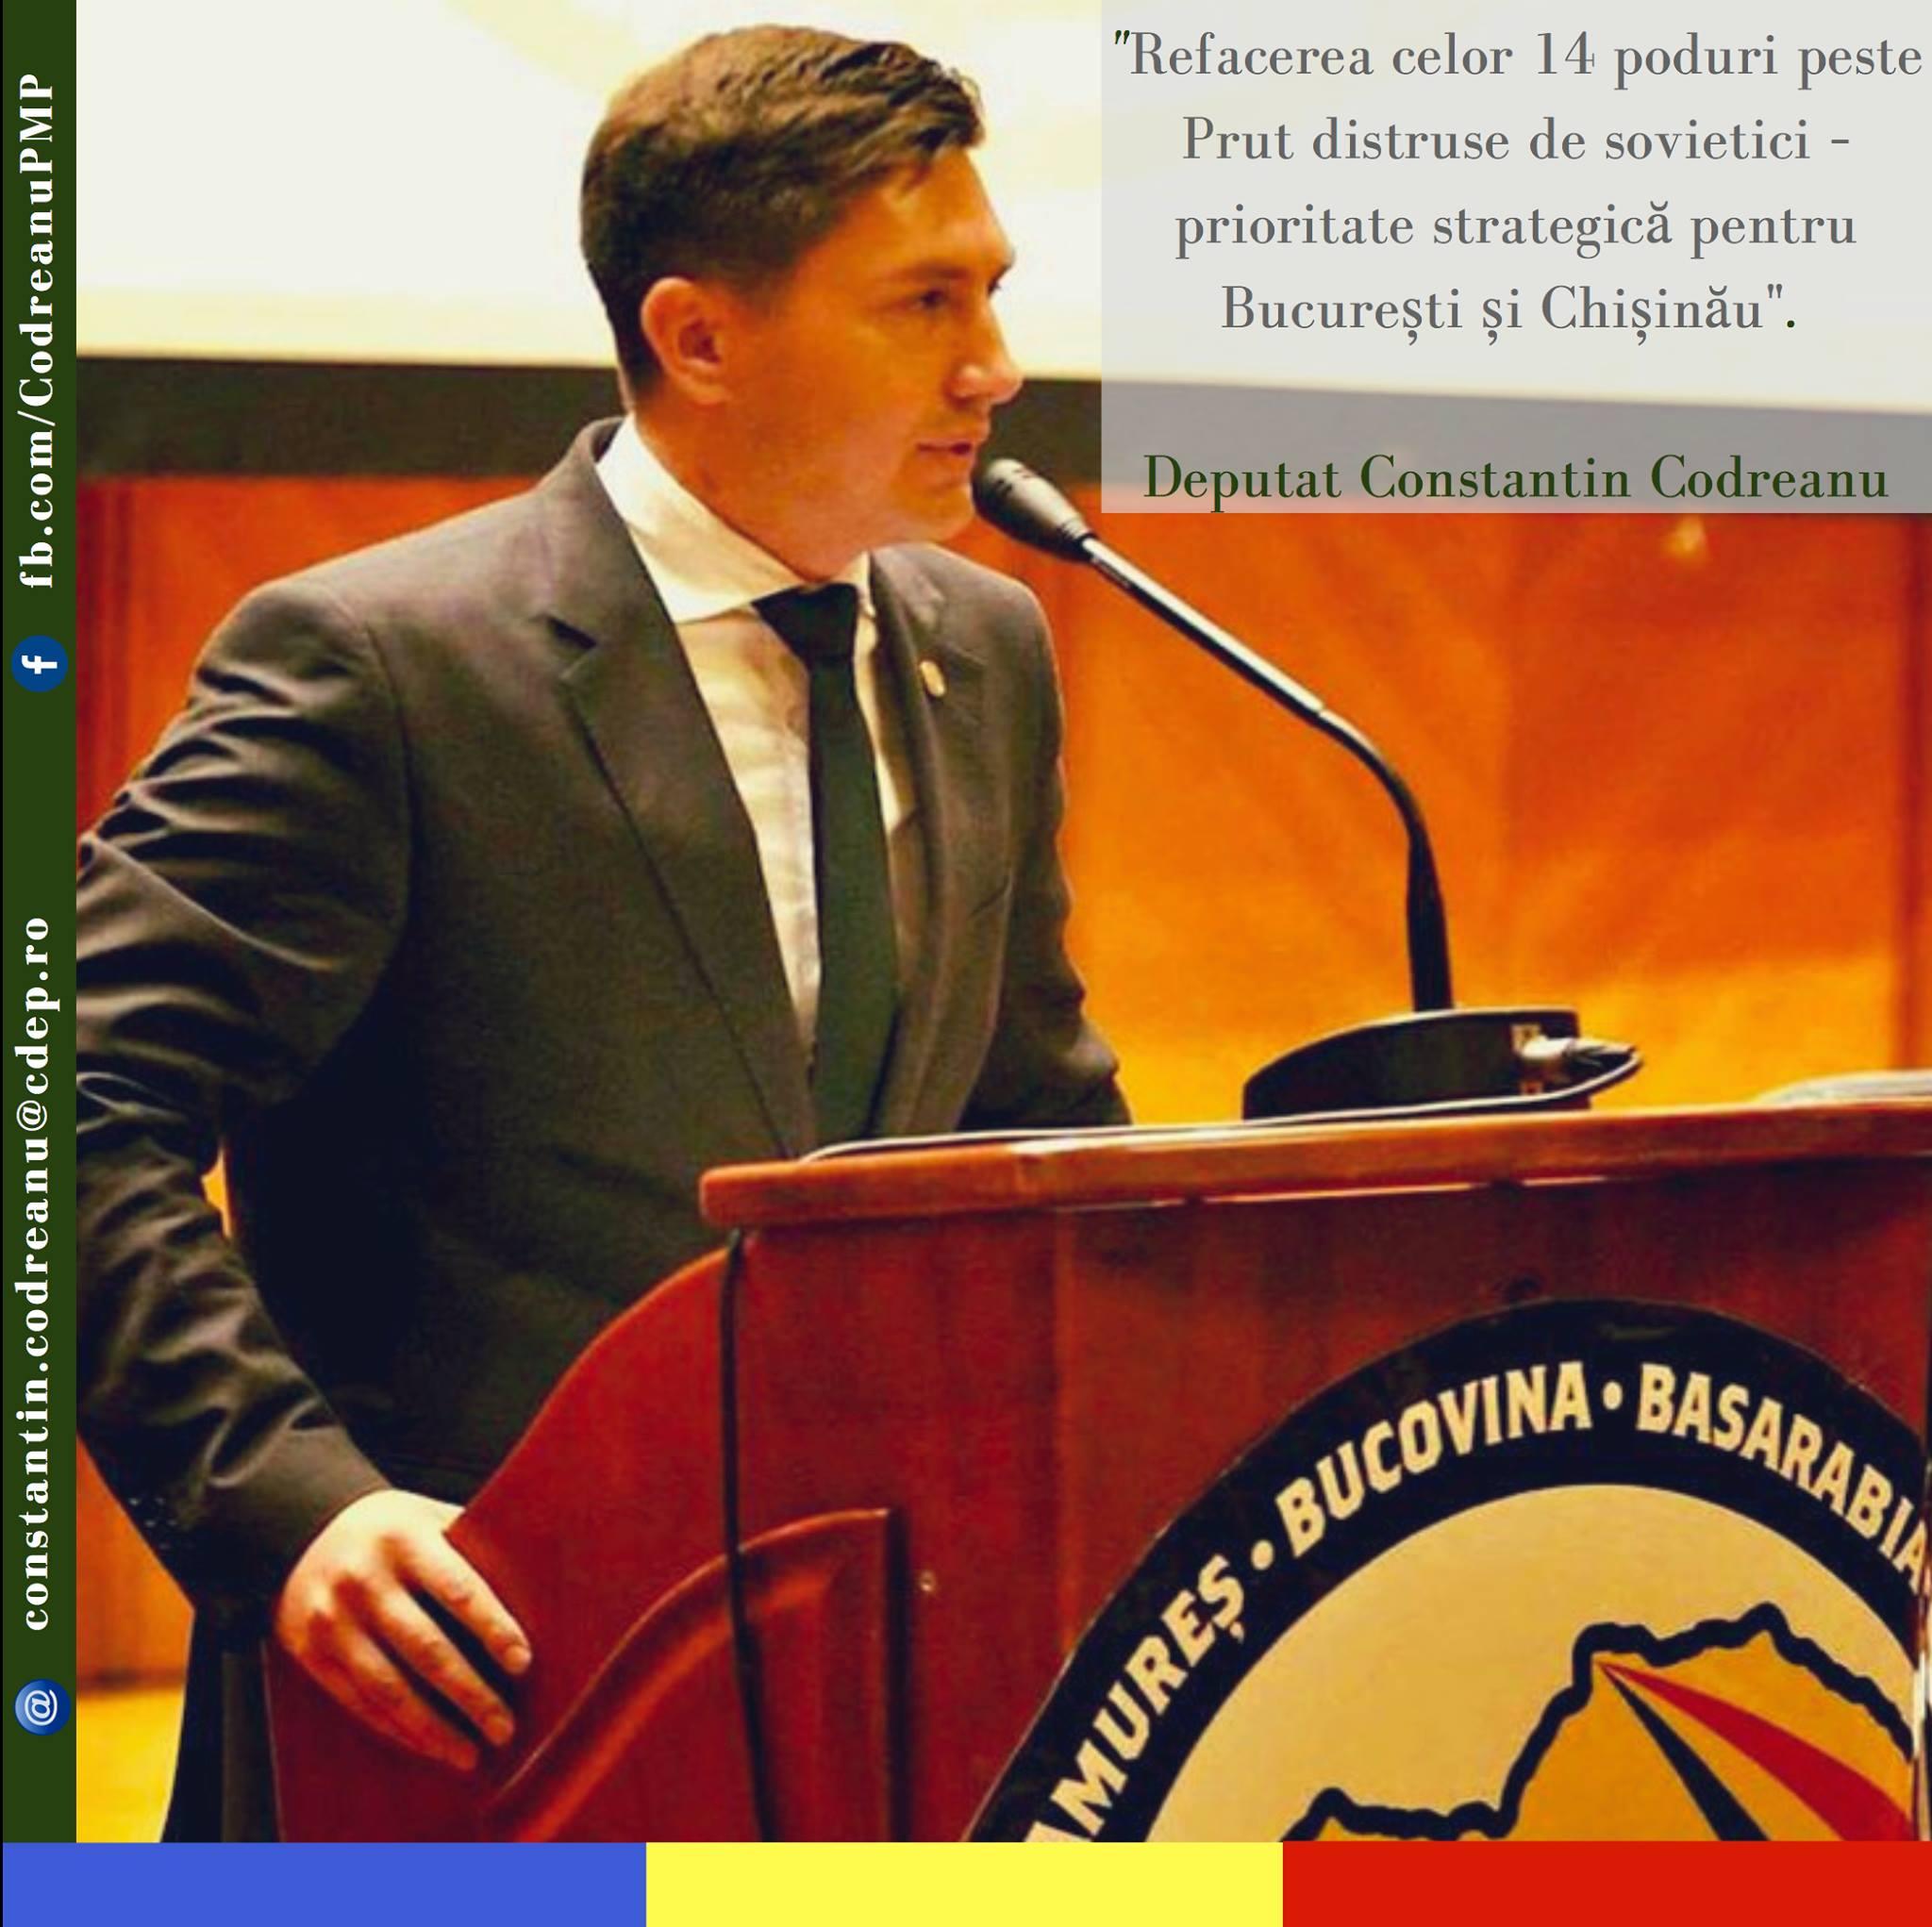 Declarație politică Constantin Codreanu